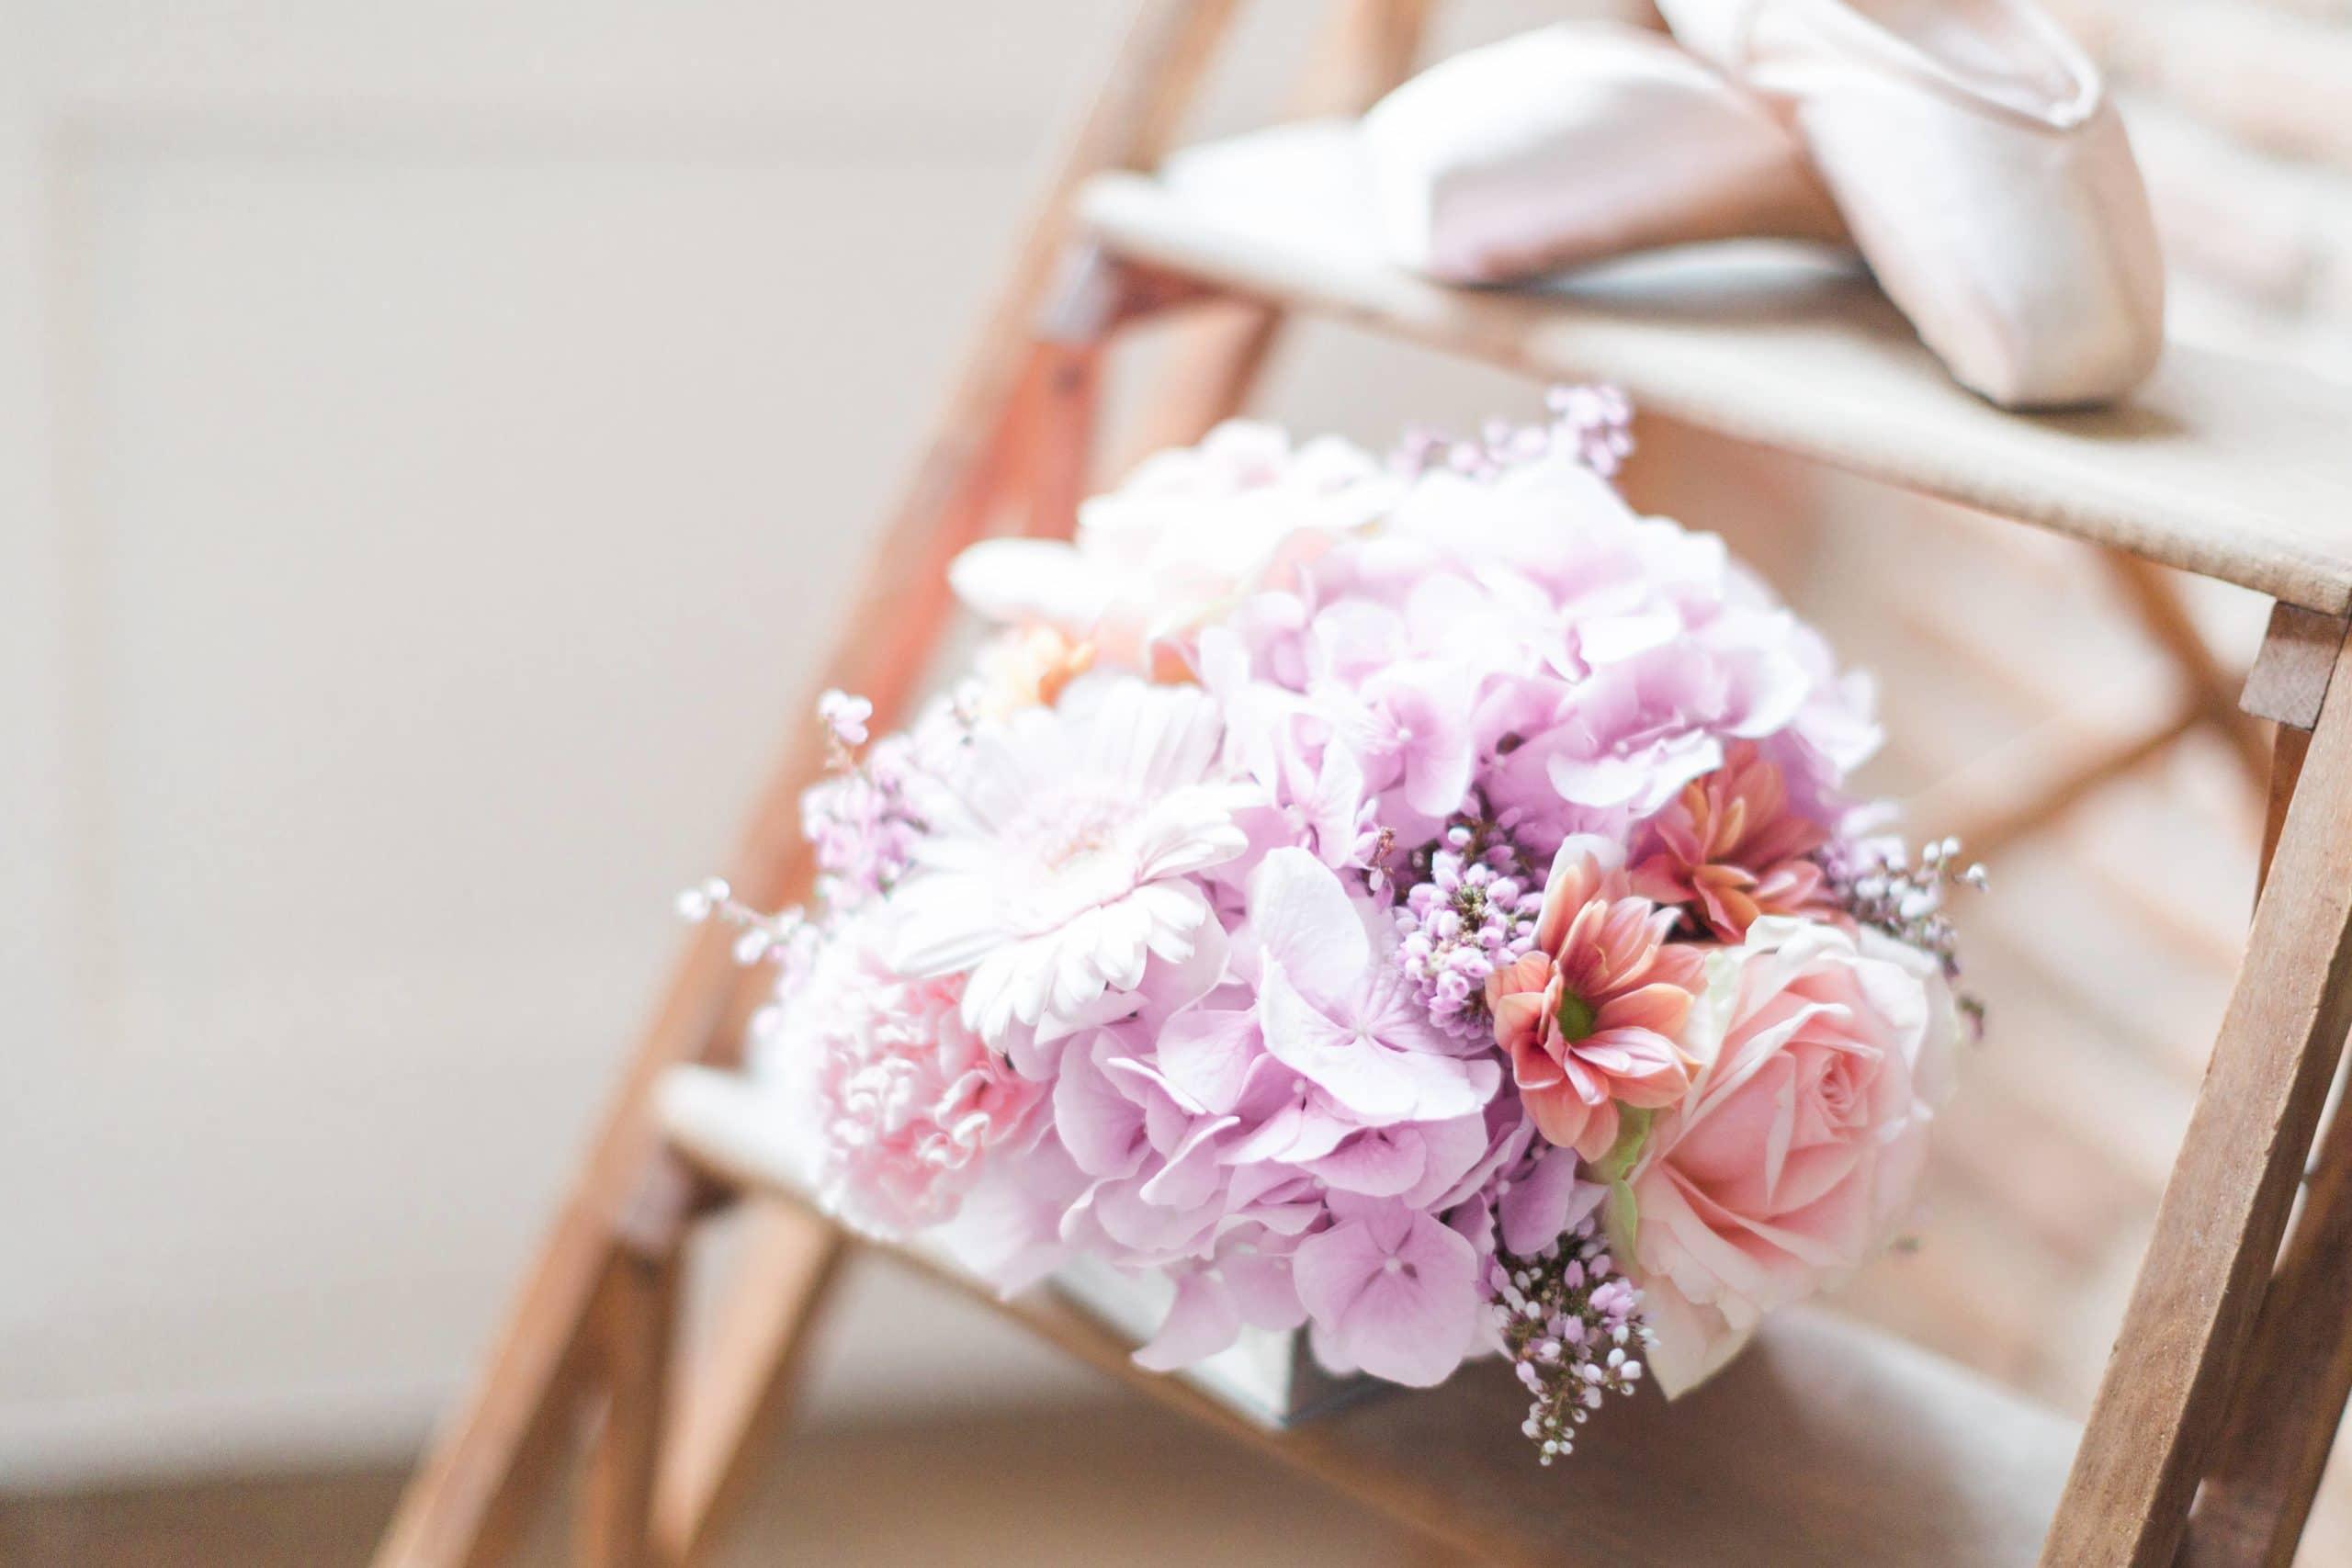 Fleurs, florale, photographie, visuel, esthétique, art